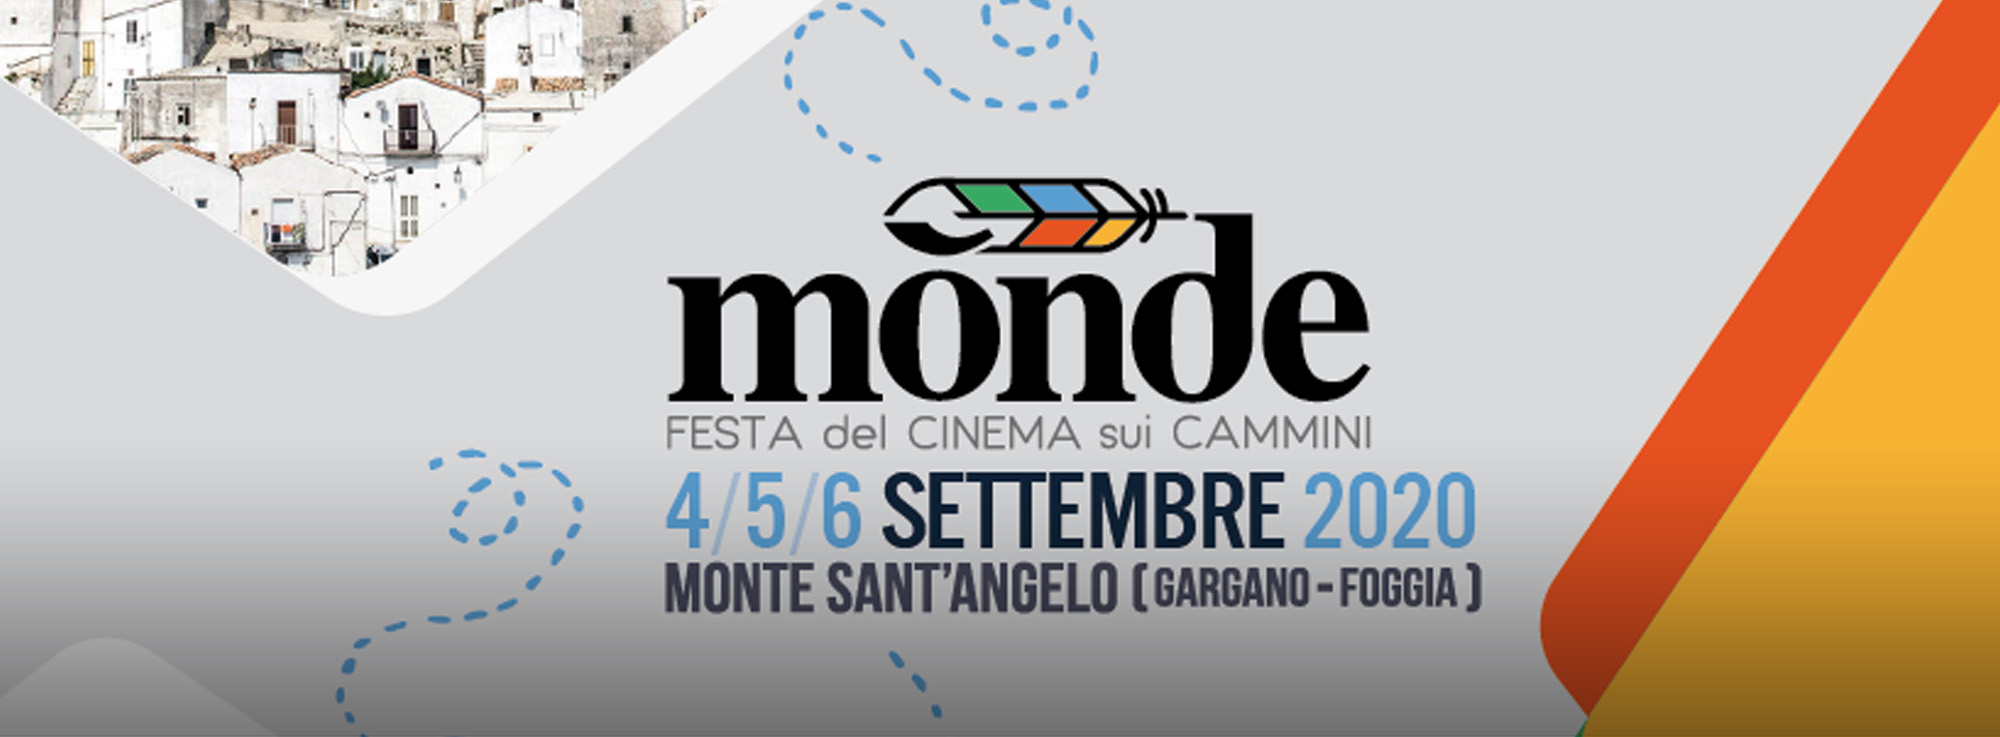 Monte Sant'Angelo: Mònde – Festa del Cinema sui Cammini